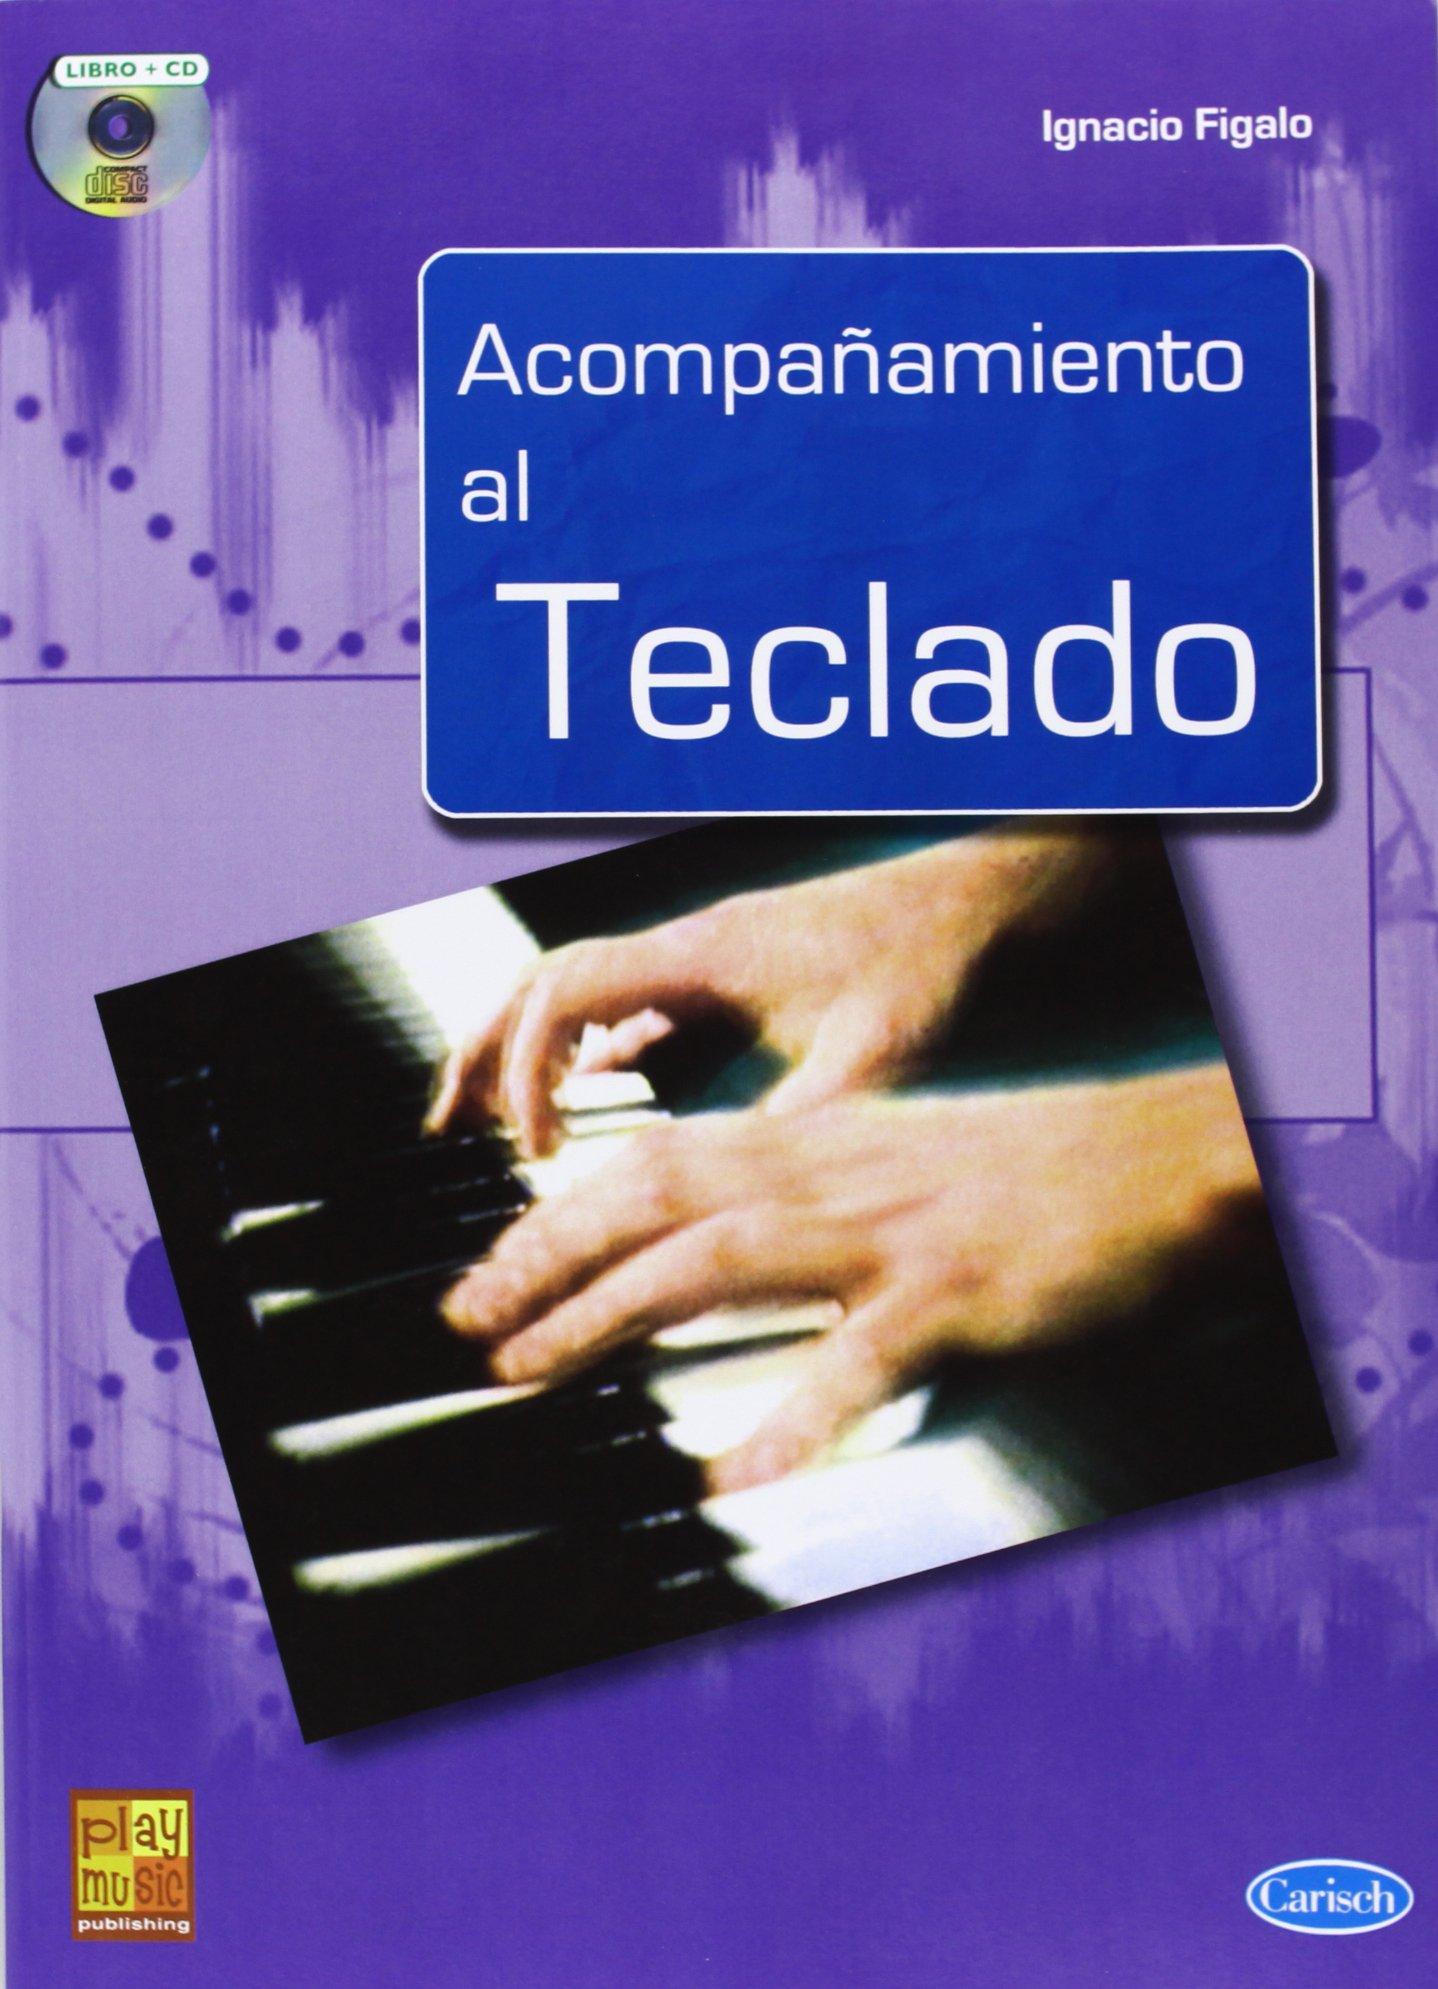 FIGALO I. - Acompañamiento en el Teclado (Inc.CD) (Spanish) Sheet music – 2010